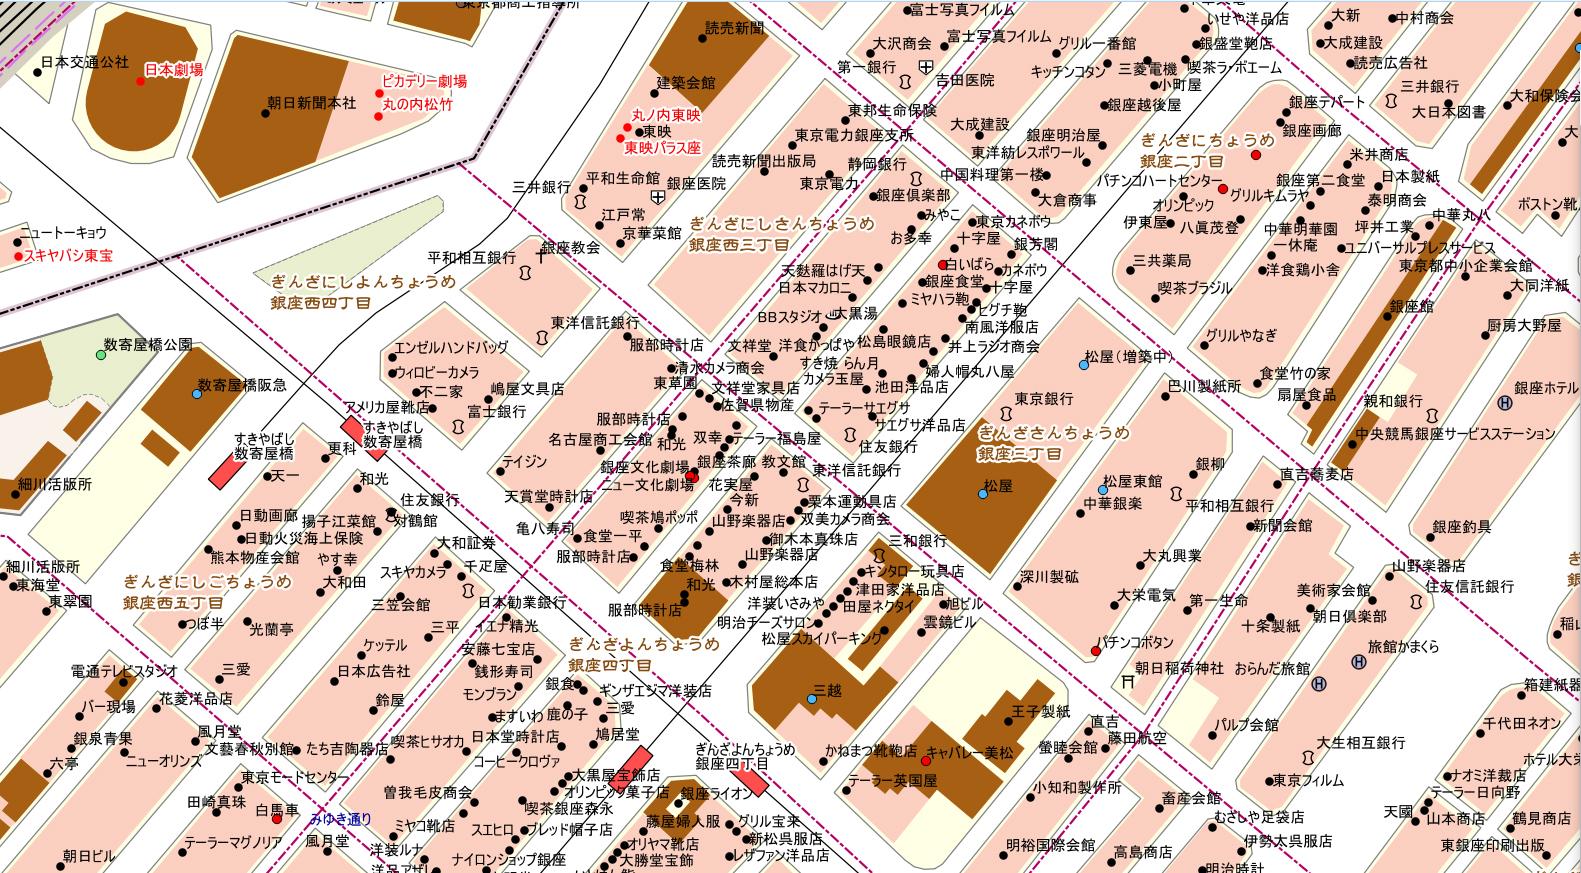 「タイムワープMAP 東京」(銀座駅周辺)